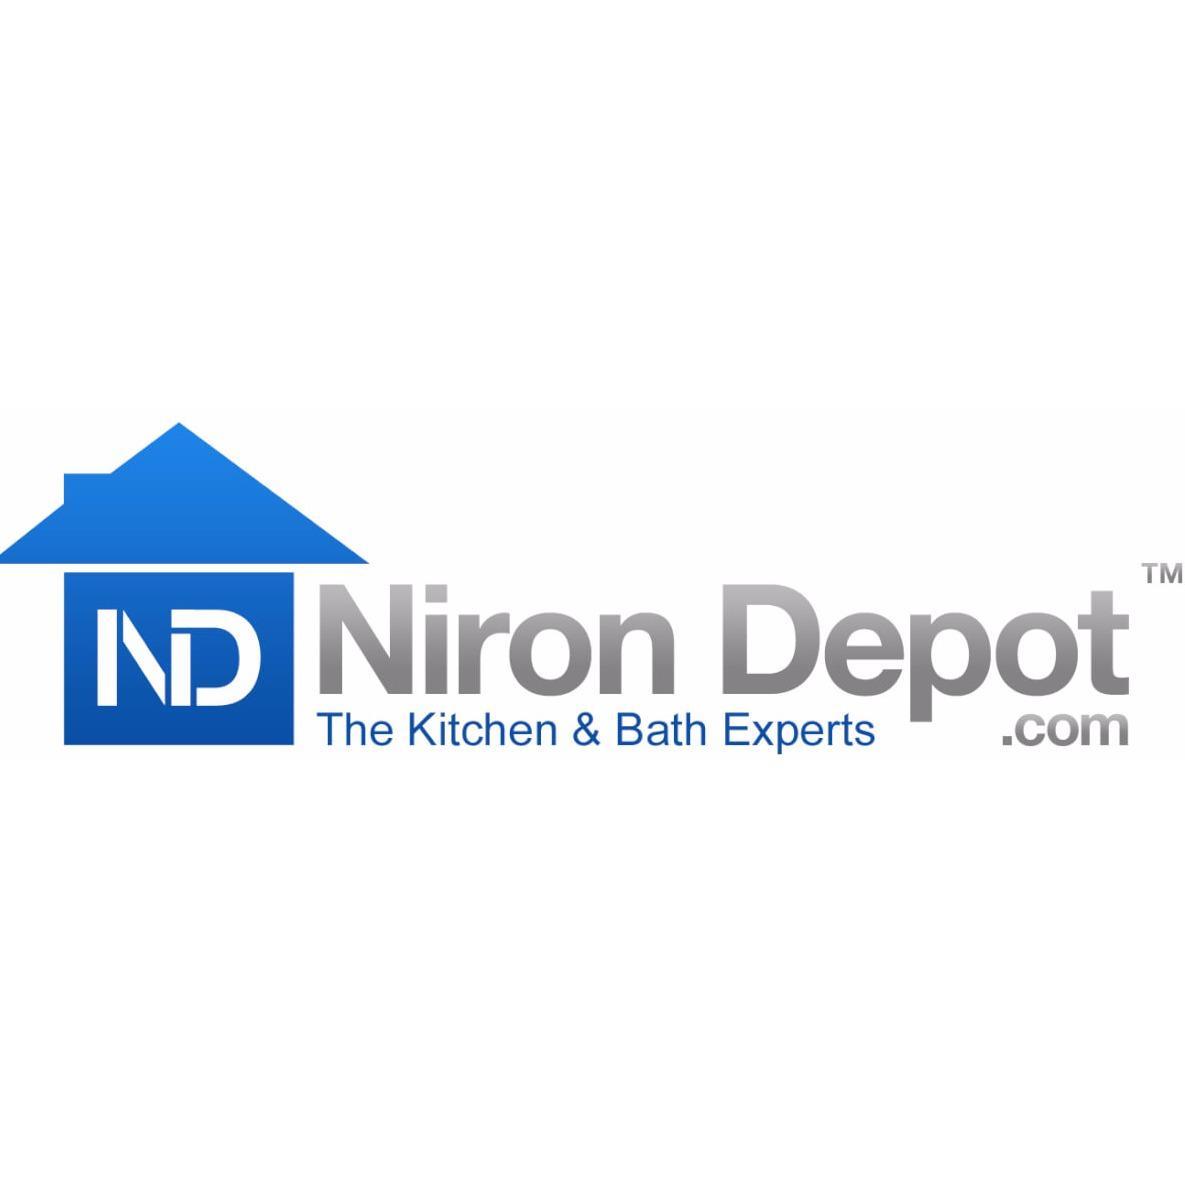 Niron Depot